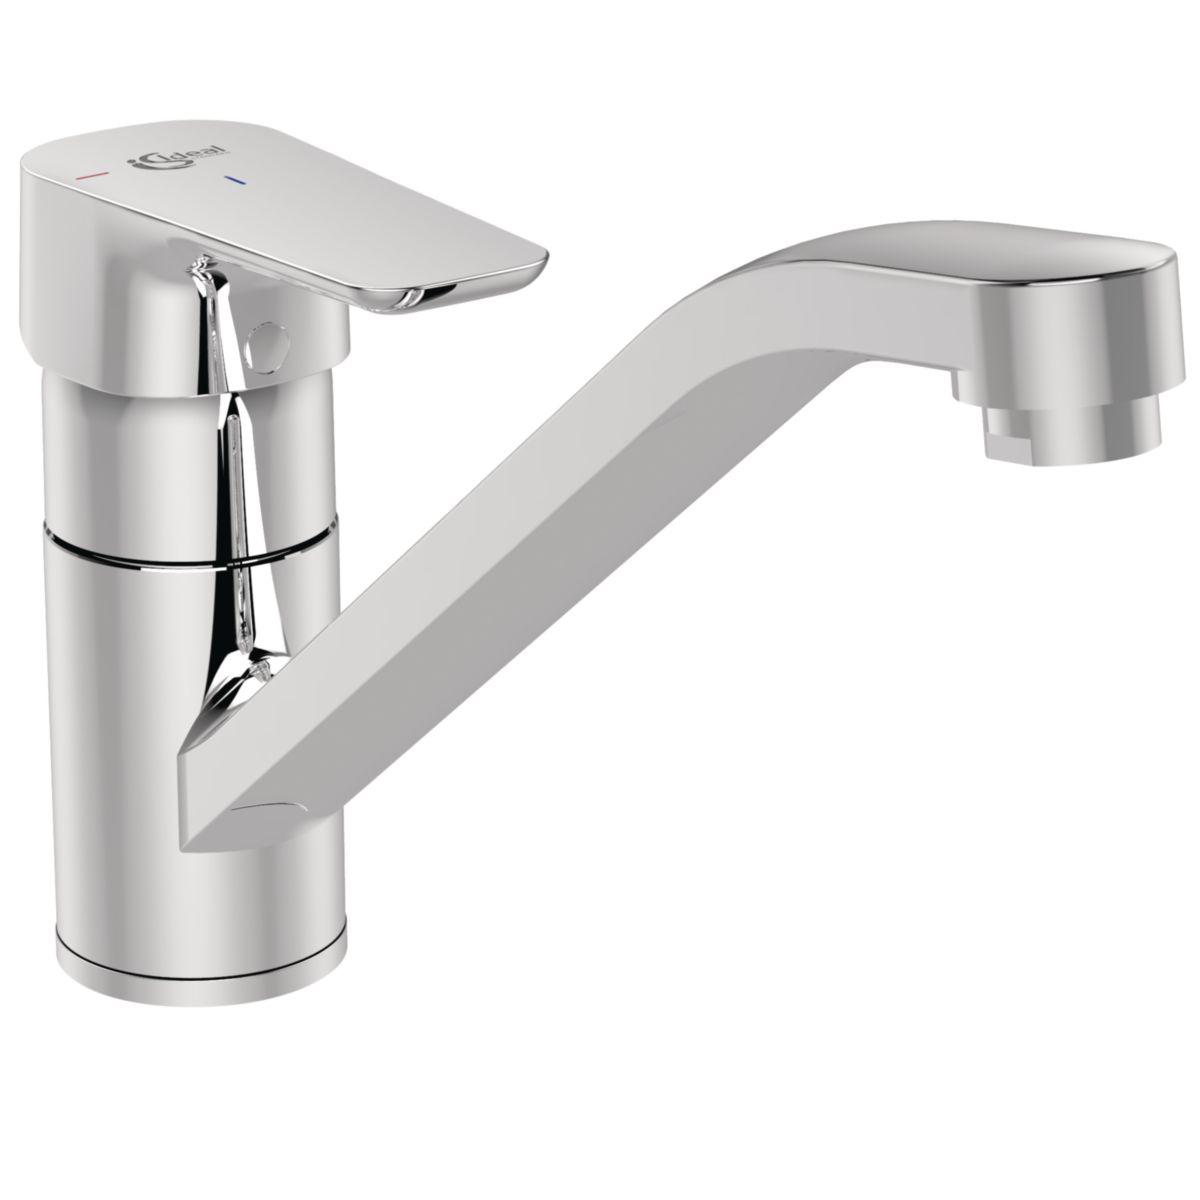 Mitigeur évier kheops s tab c3 chromé réf b0739aa ideal standard sanitaire brossette